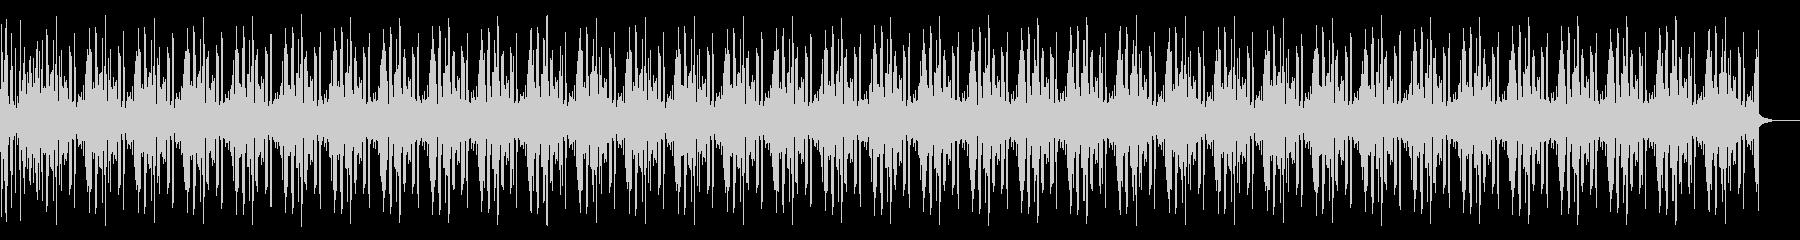 【長尺】水中の音の未再生の波形